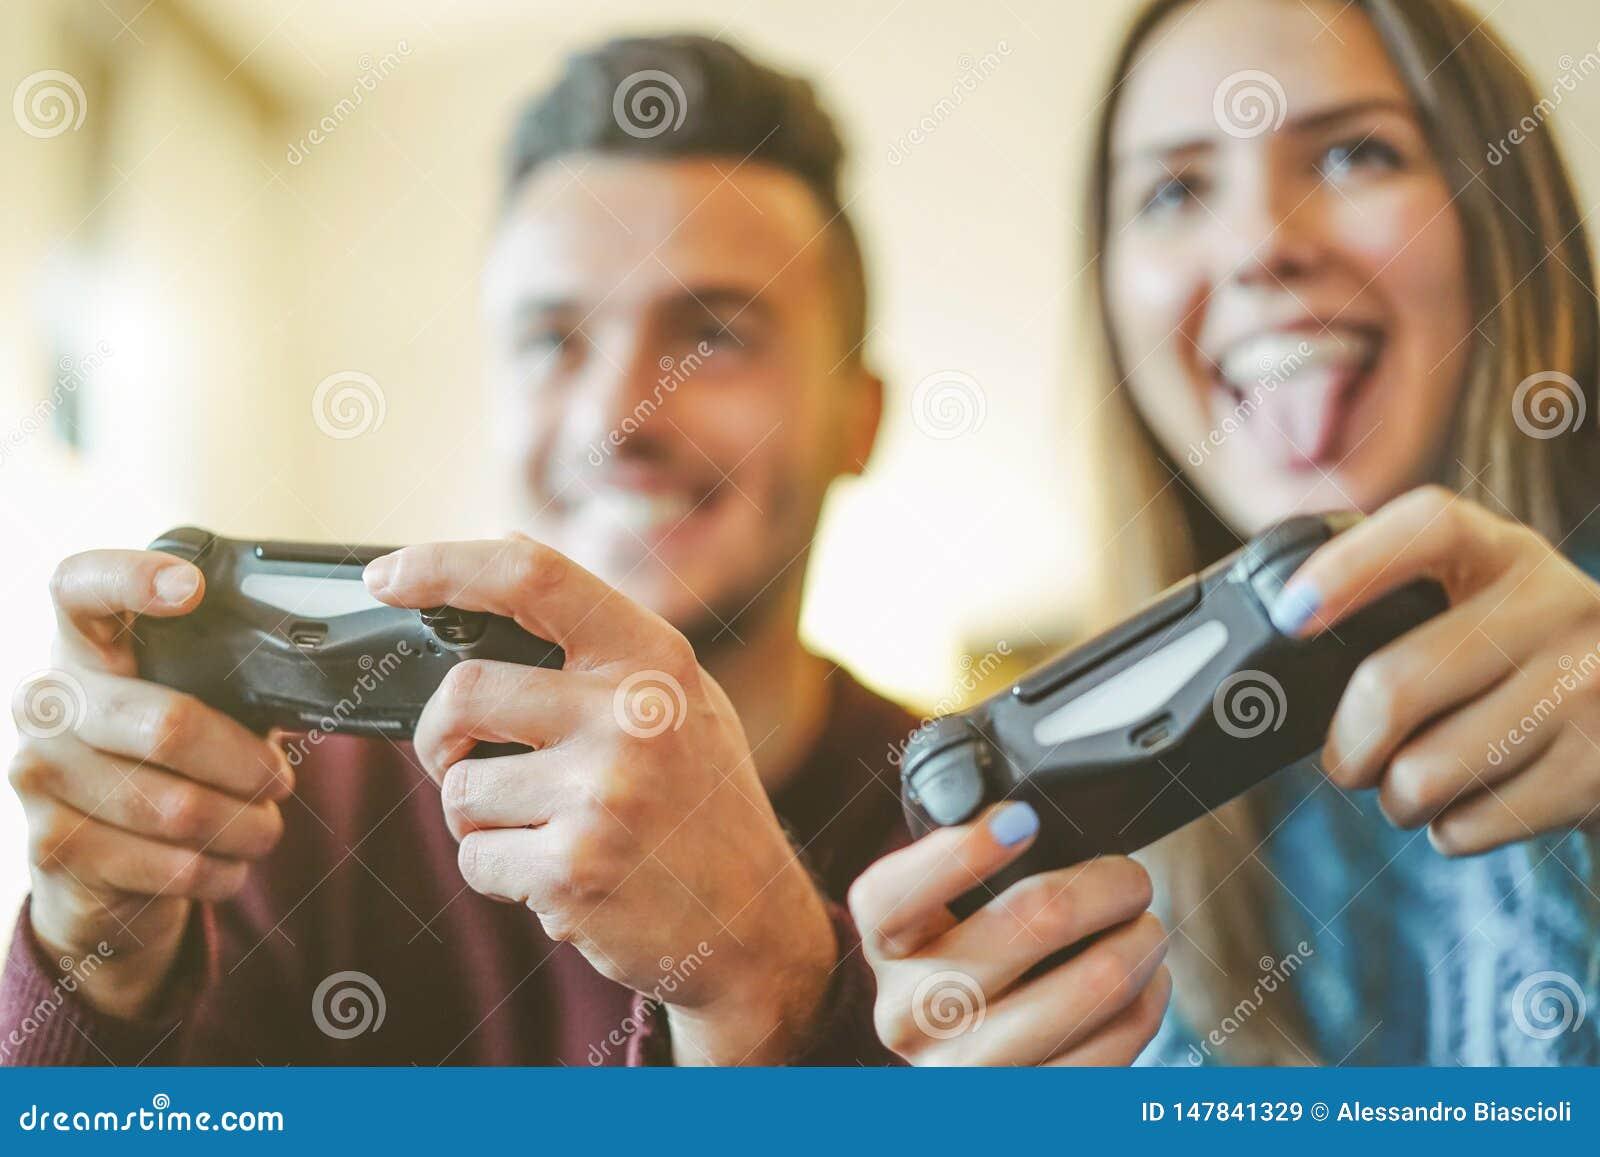 Amis heureux jouant des jeux vidéo en leur appartement - jeunes couples hilares ayant l amusement avec la nouvelle technologie de